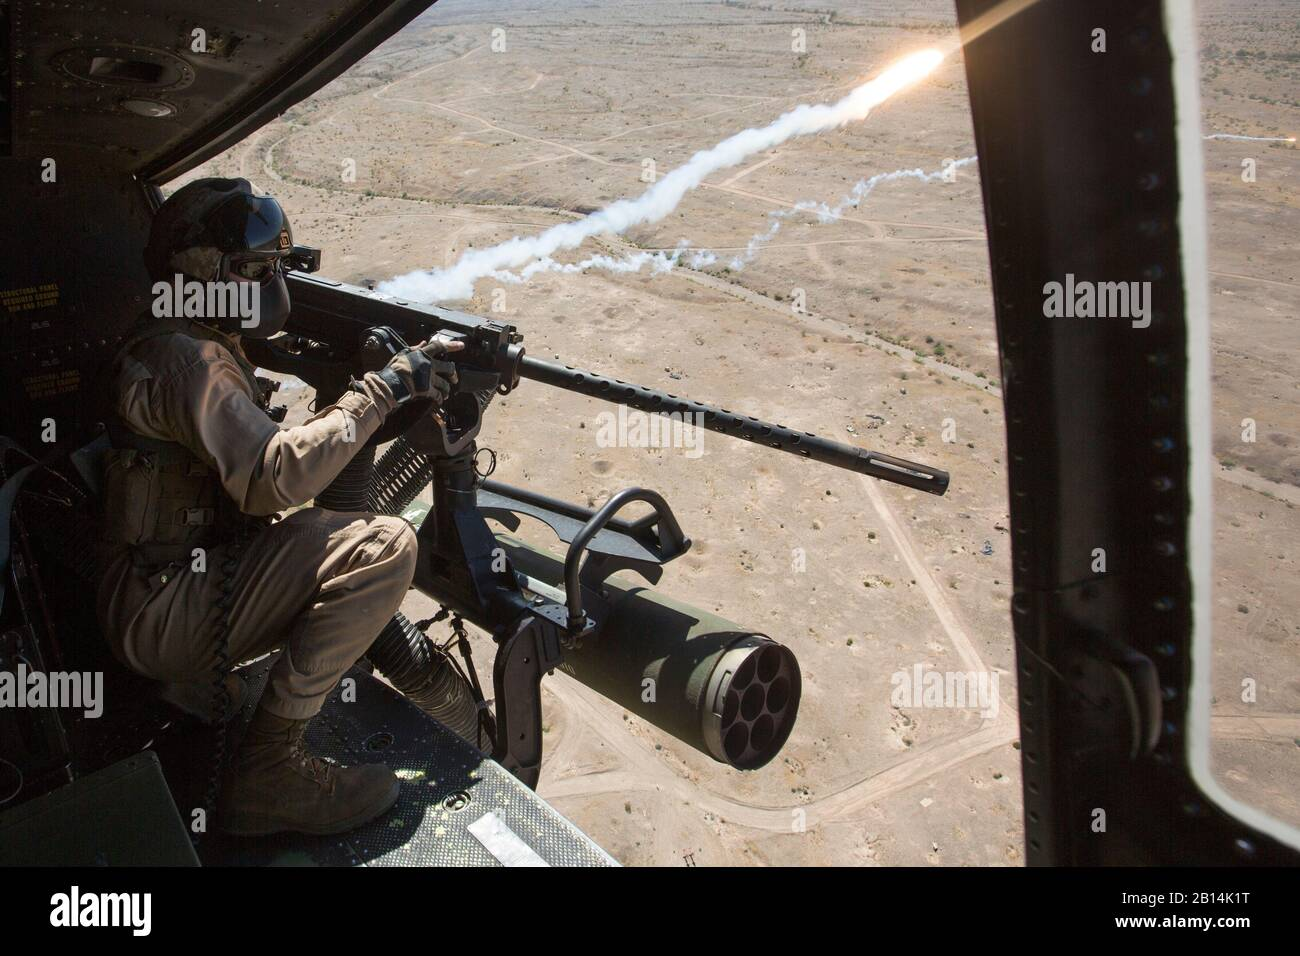 Cuerpo de Marines de EE.UU Cpl. Justin Gilstrap, un jefe de la tripulación con Luz Marina 167 escuadrón de helicópteros de ataque (HMLA-167), desencadena un GAU-21 calibre .50 ametralladora durante la artillería aérea perforadoras de refinamiento en chocolate Antena Montaña Tiro, California, 5 de abril de 2017. Armas y tácticas Instructor 2-17 es un evento de capacitación de siete semanas organizado por la Aviación Marina armas y tácticas de escuadrón MAWTS Uno (cuadro 1). (Ee.Uu. Marine Corps foto por Lance Cpl. Michaela Gregory) Foto de stock